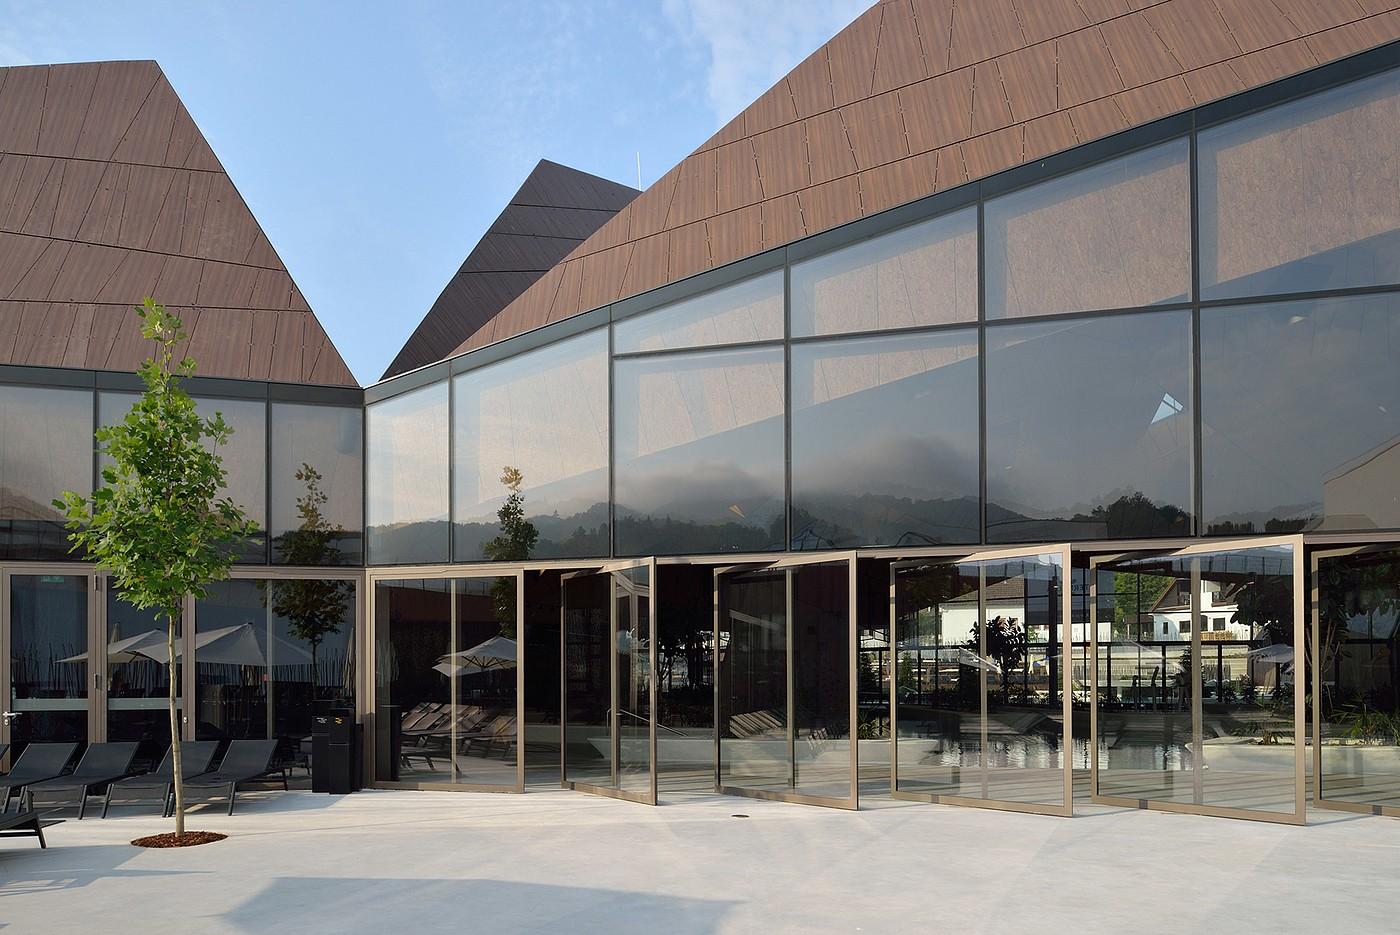 几何倾斜屋顶结构:奇特外观的游泳池设计